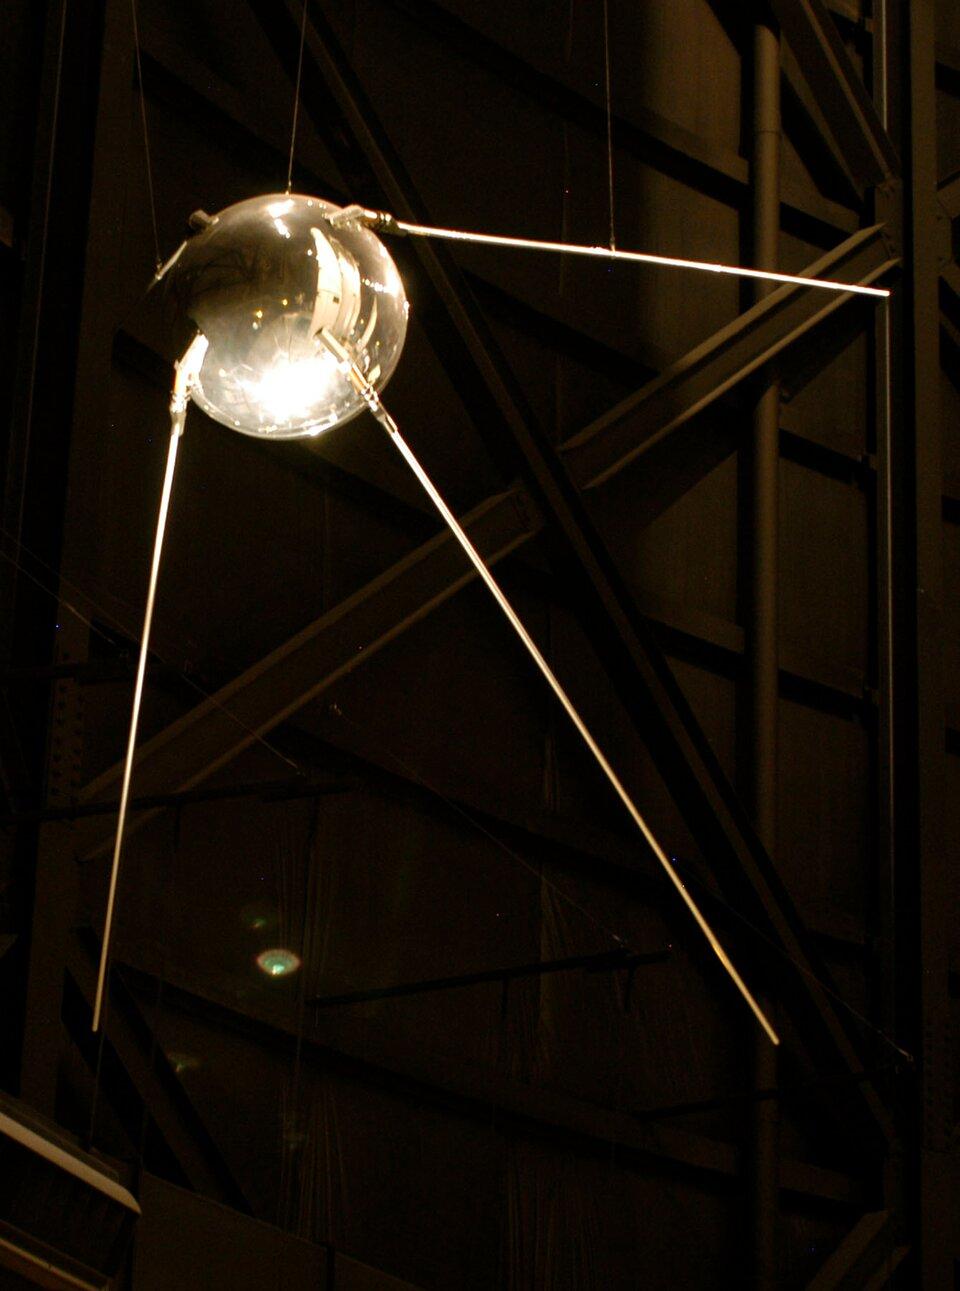 """Zdjęcie przedstawia pierwszego sztucznego satelitę Ziemi – SPUTNIK 1. Tło ciemne, prawie czarne. Na zdjęciu widoczne urządzenie przypominające dużą, srebrną kulę ztrzema cienkimi """"nóżkami"""" odchodzącymi od niej. Powierzchnia błyszcząca."""